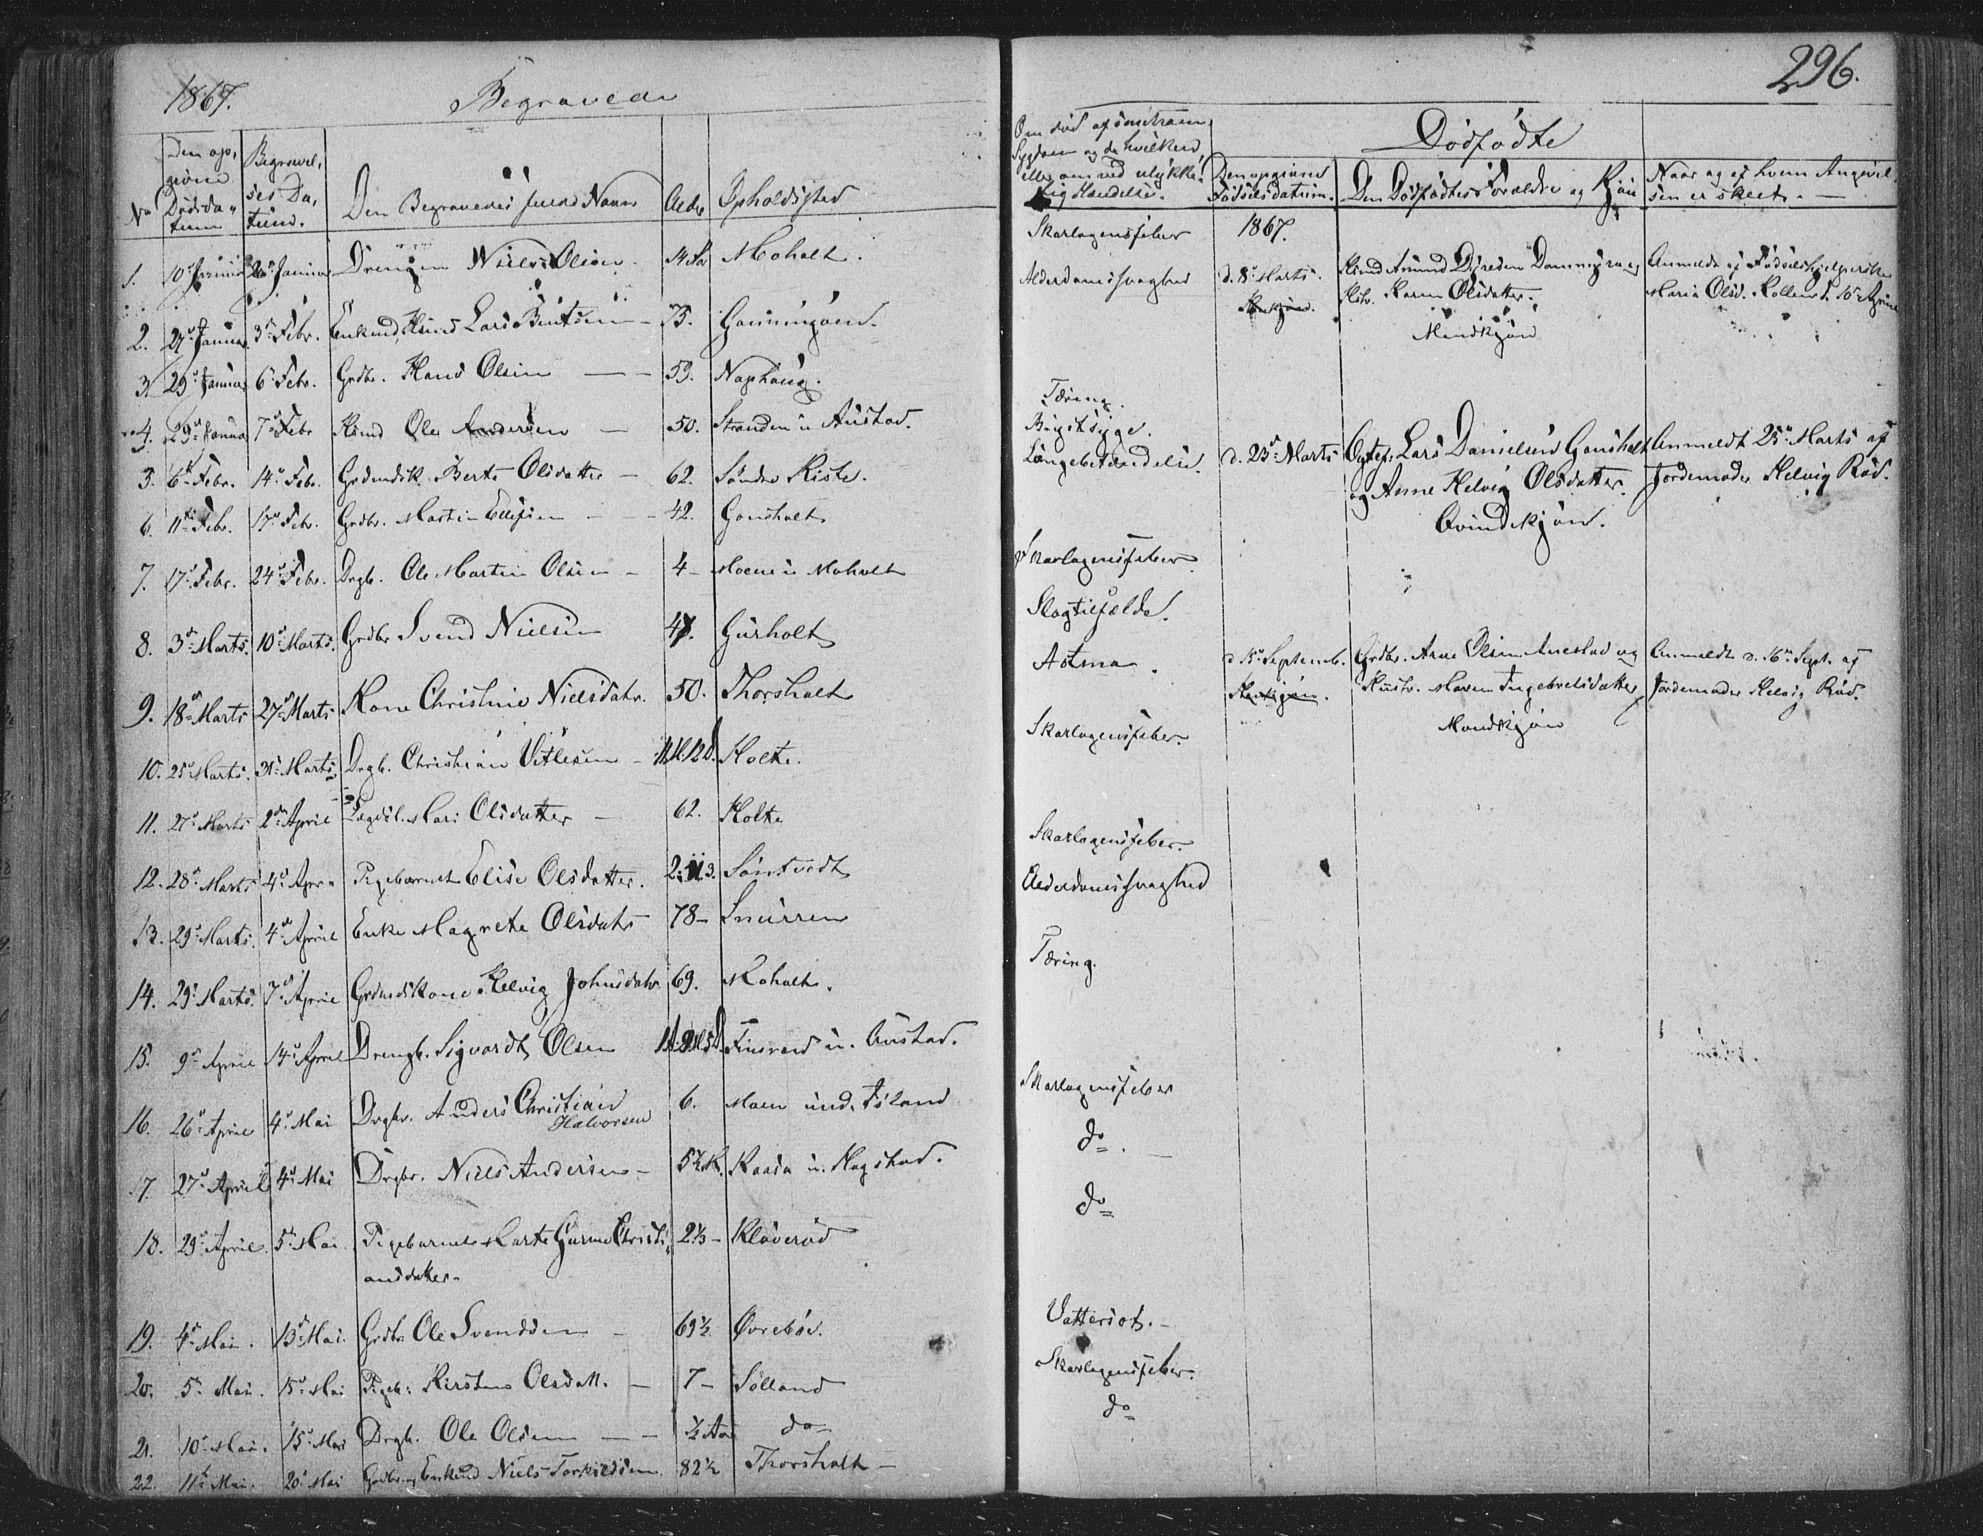 SAKO, Siljan kirkebøker, F/Fa/L0001: Ministerialbok nr. 1, 1831-1870, s. 296